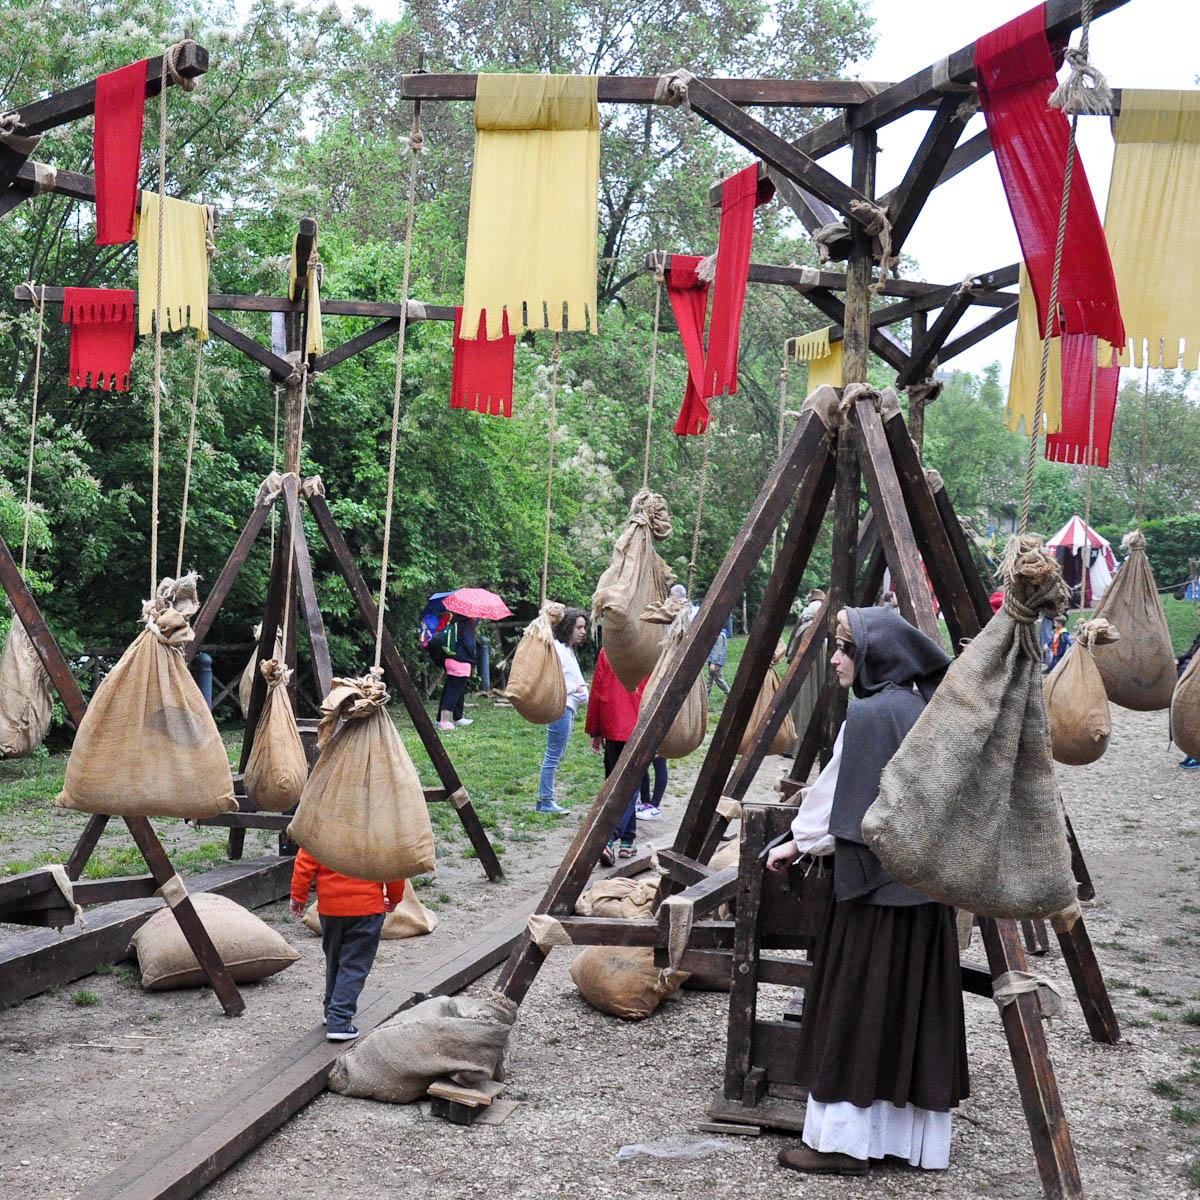 Medieval playground, Romeo and Juliet Festival - Faida, Montecchio Maggiore, Veneto, Italy